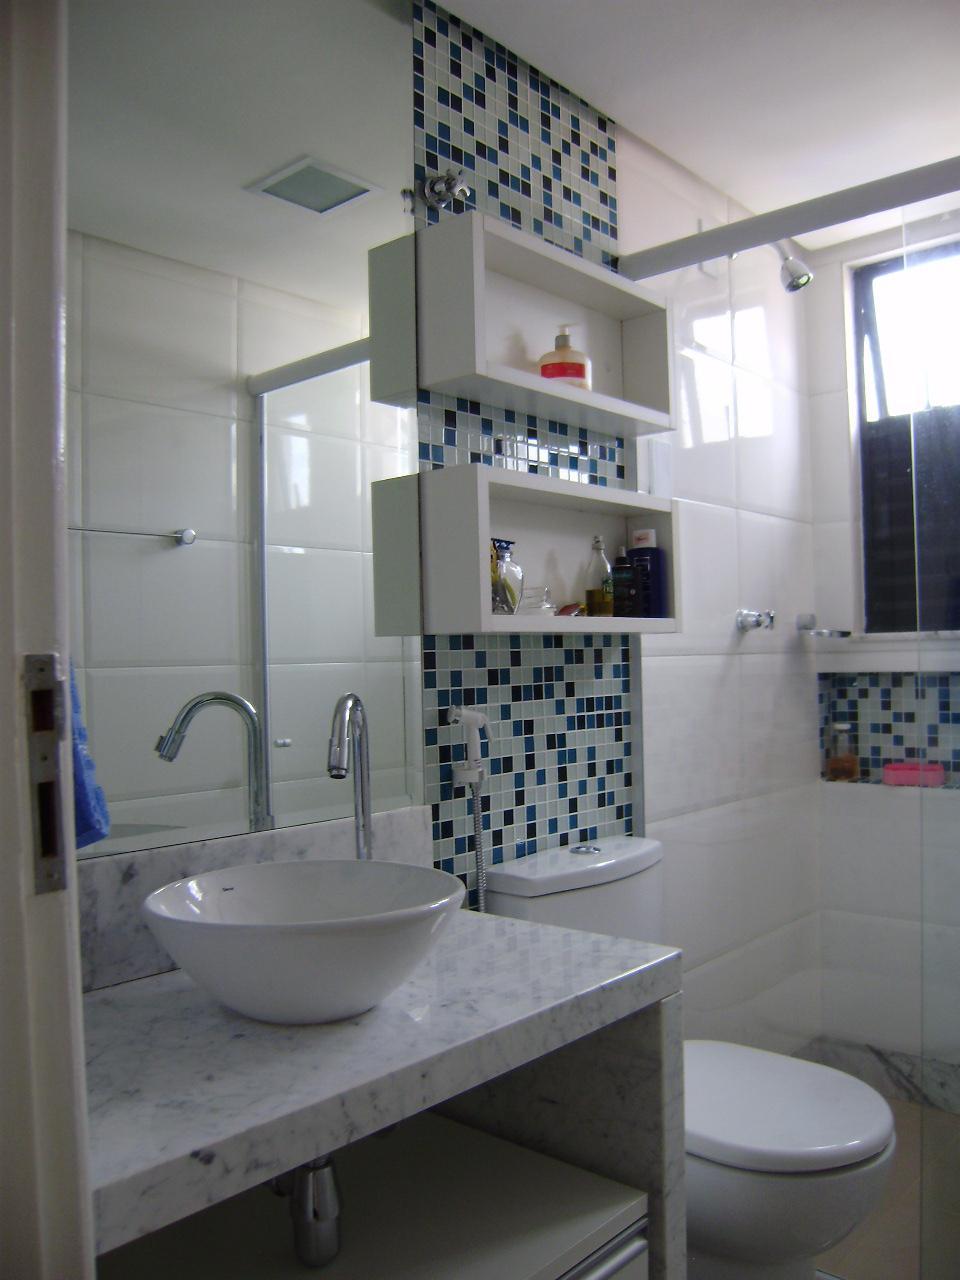 Dicas de Decoração para Banheiros Pequenos -> Banheiro Pequeno Decorado De Vermelho